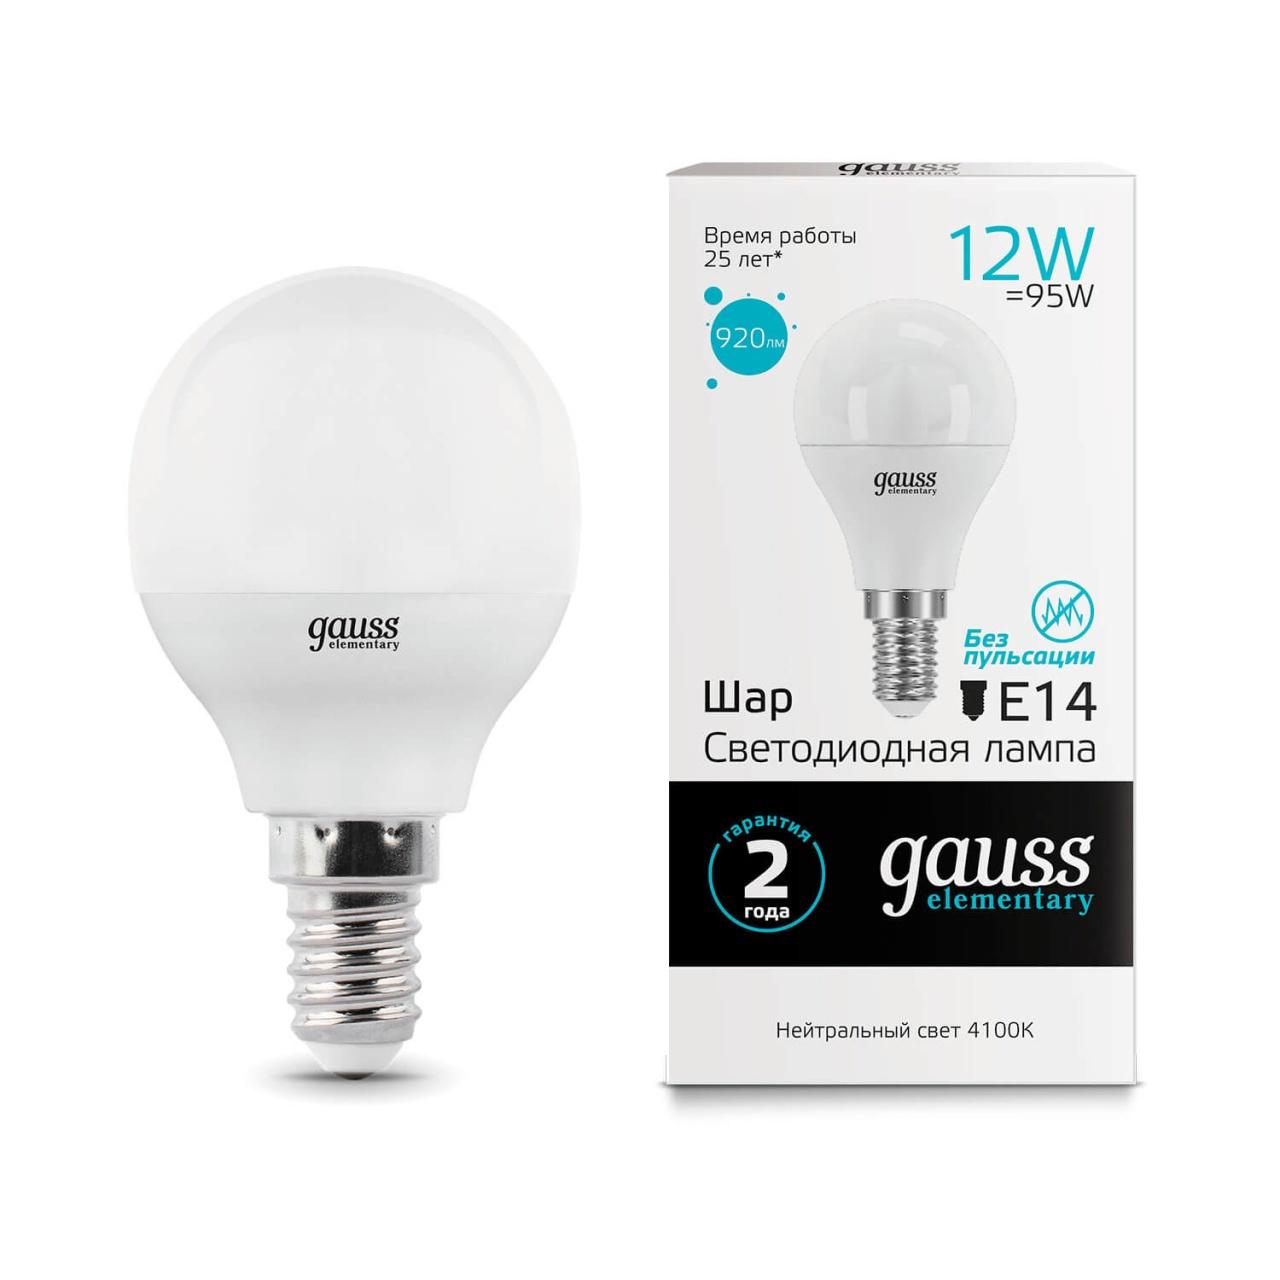 Лампа светодиодная Gauss E14 12W 4100K матовая 53122 лампа светодиодная gauss e14 8w 4100k матовая 34128